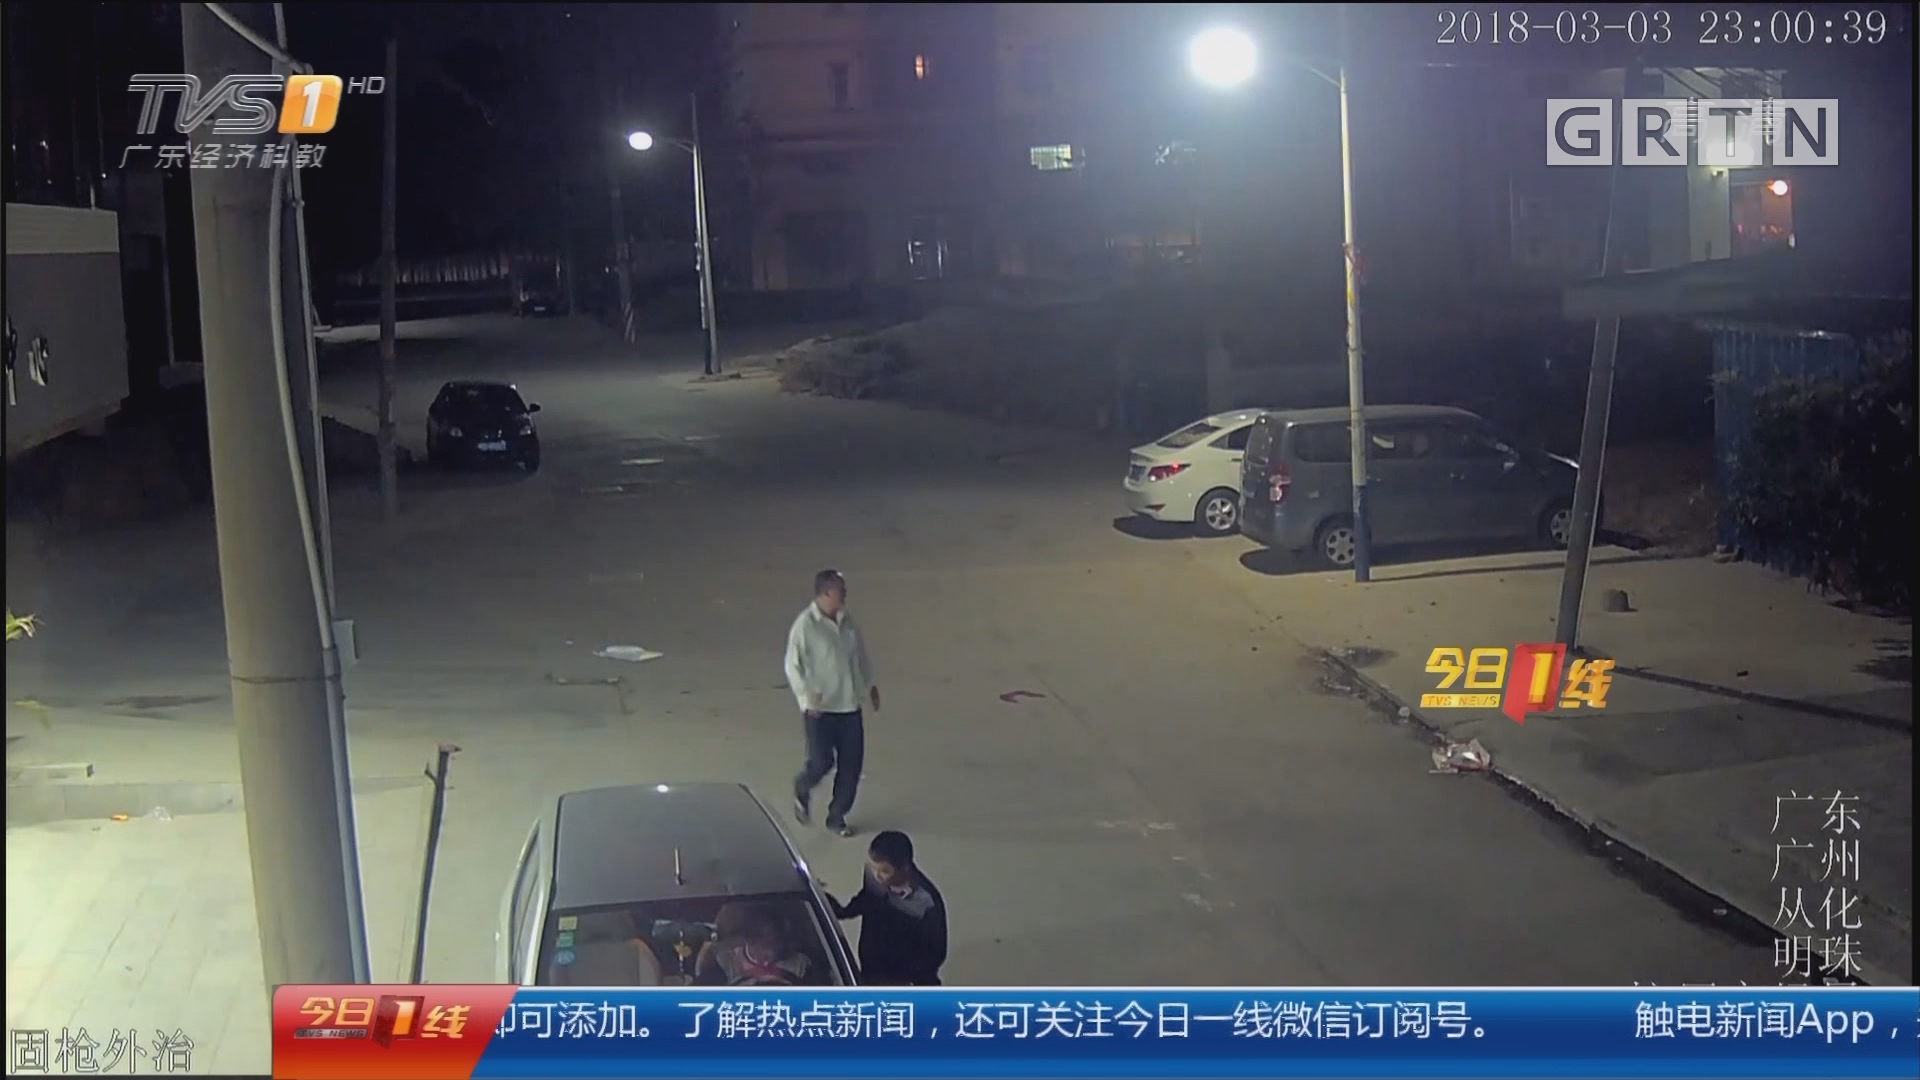 """广州从化:男子深夜扒车偷窃 众街合力""""瓮中捉鳖"""""""